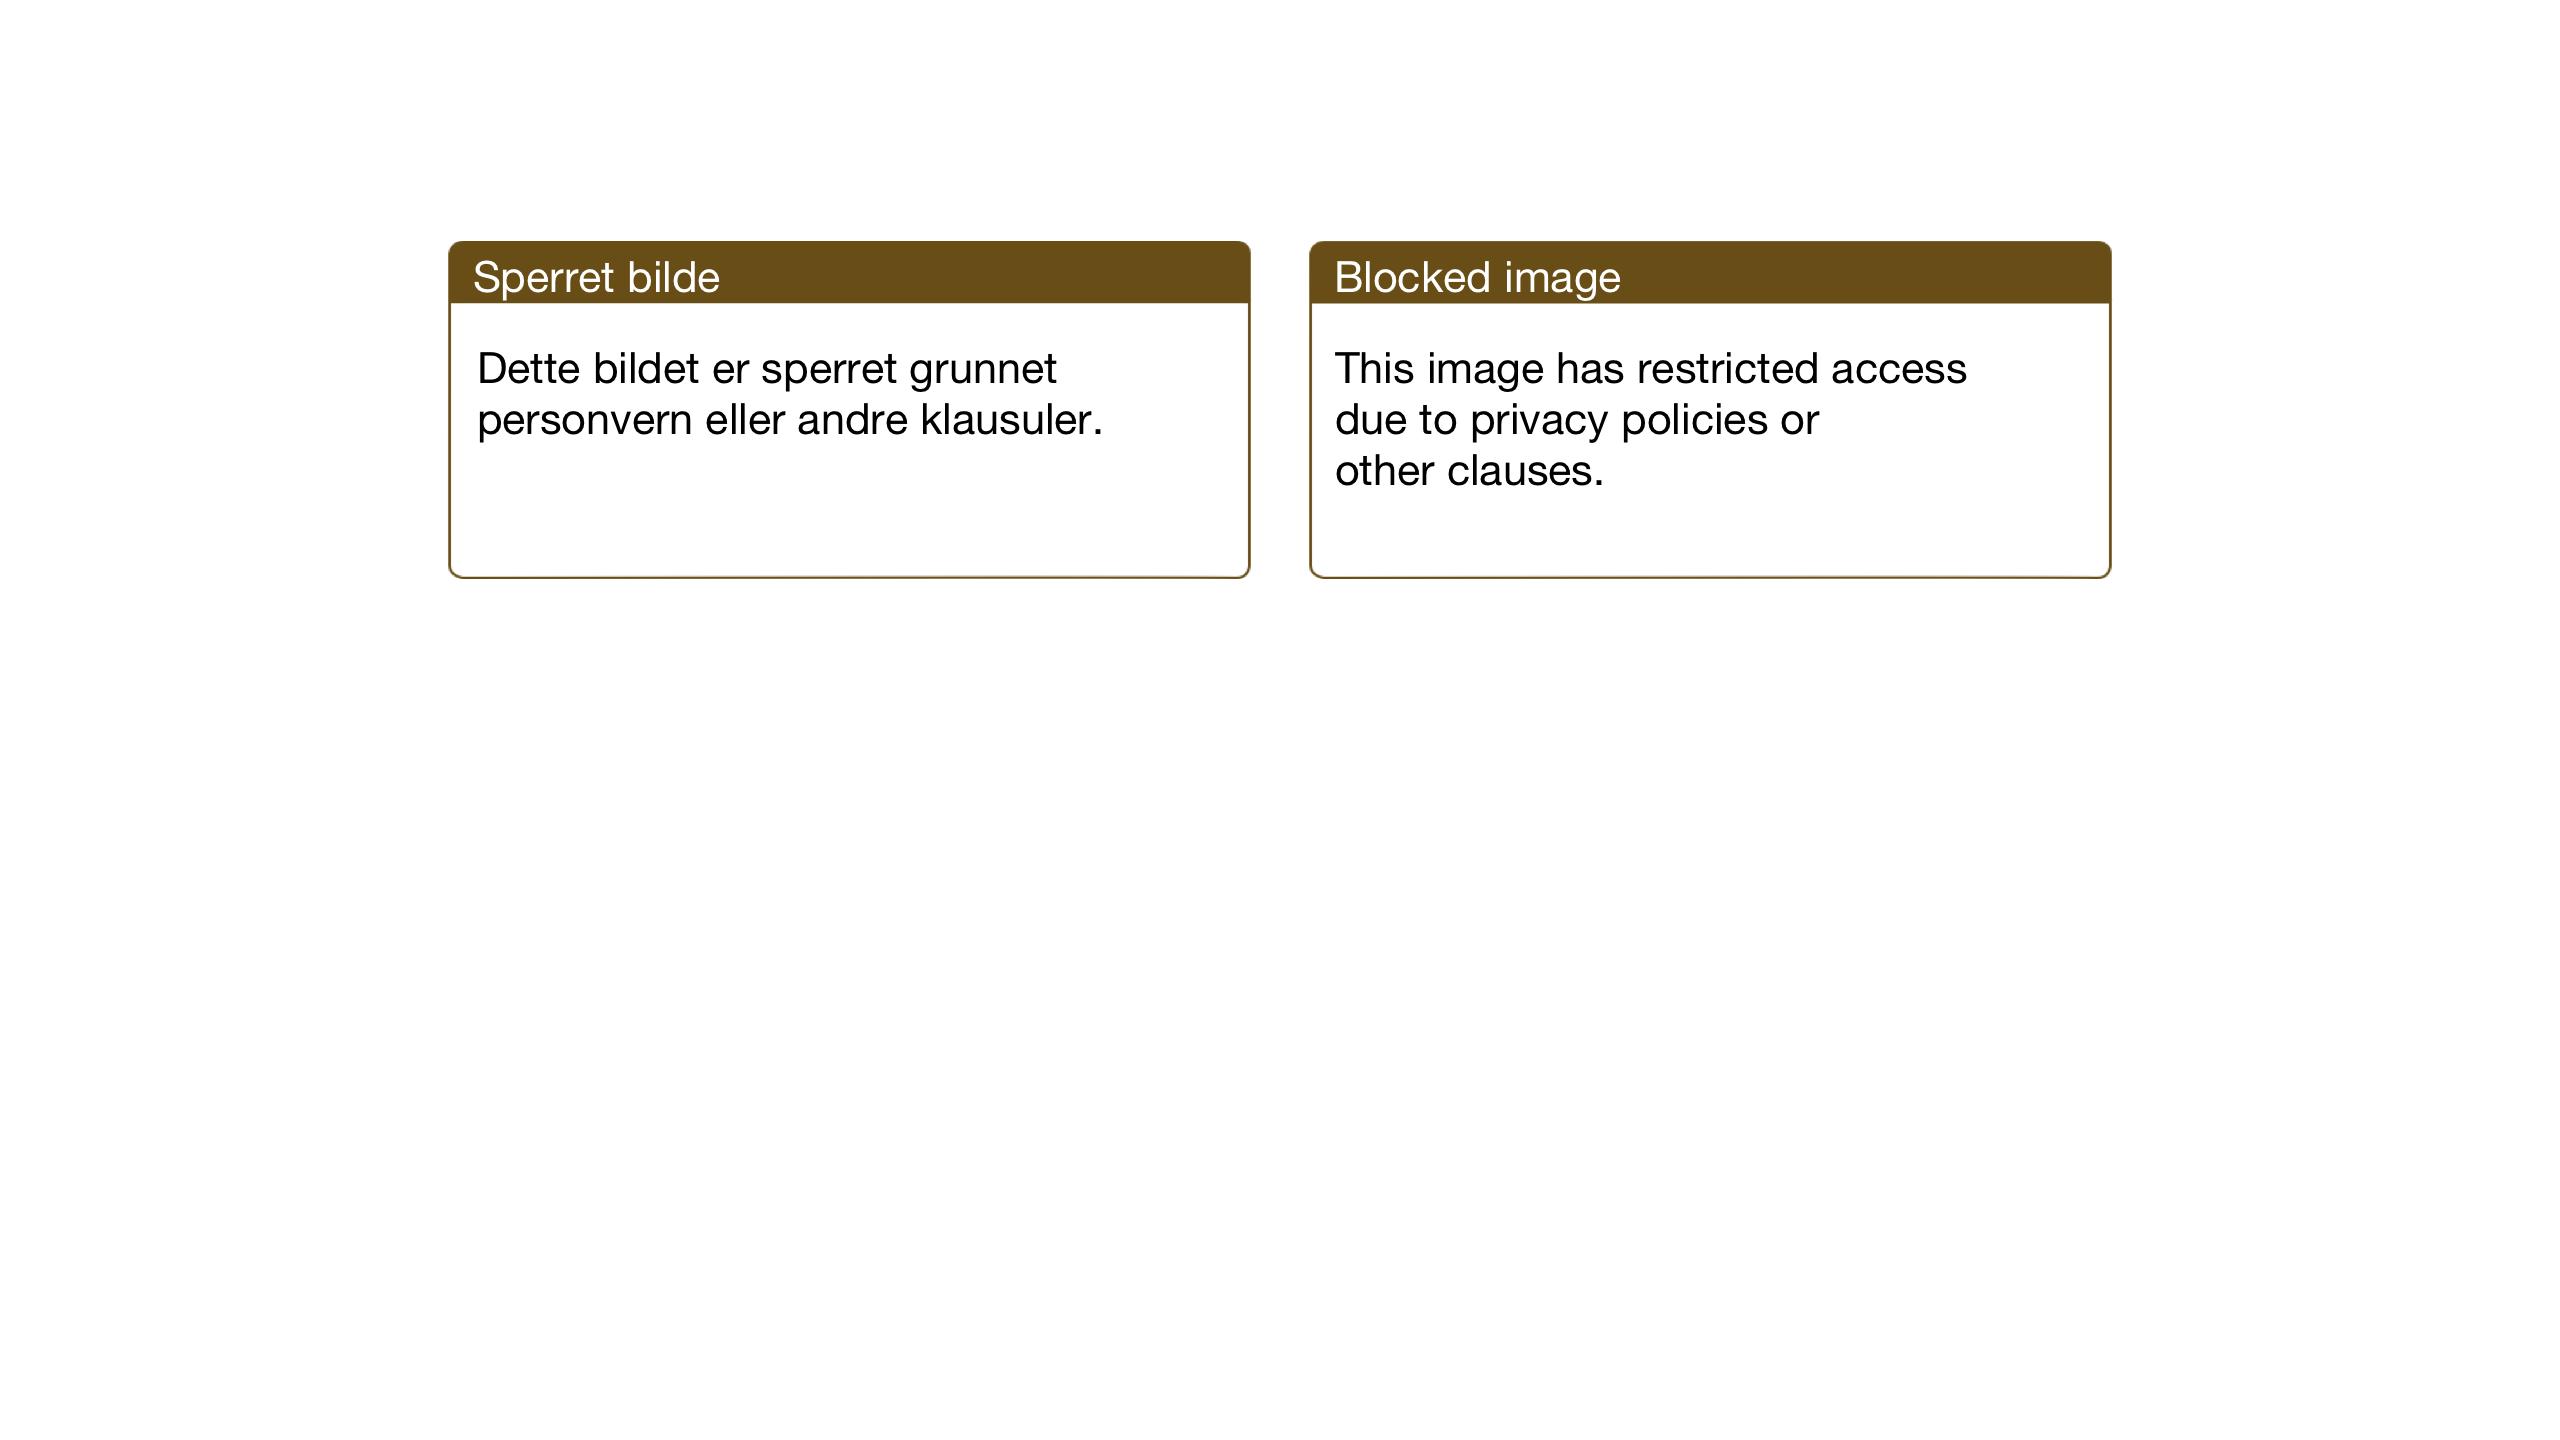 SAT, Ministerialprotokoller, klokkerbøker og fødselsregistre - Sør-Trøndelag, 616/L0424: Klokkerbok nr. 616C07, 1904-1940, s. 104